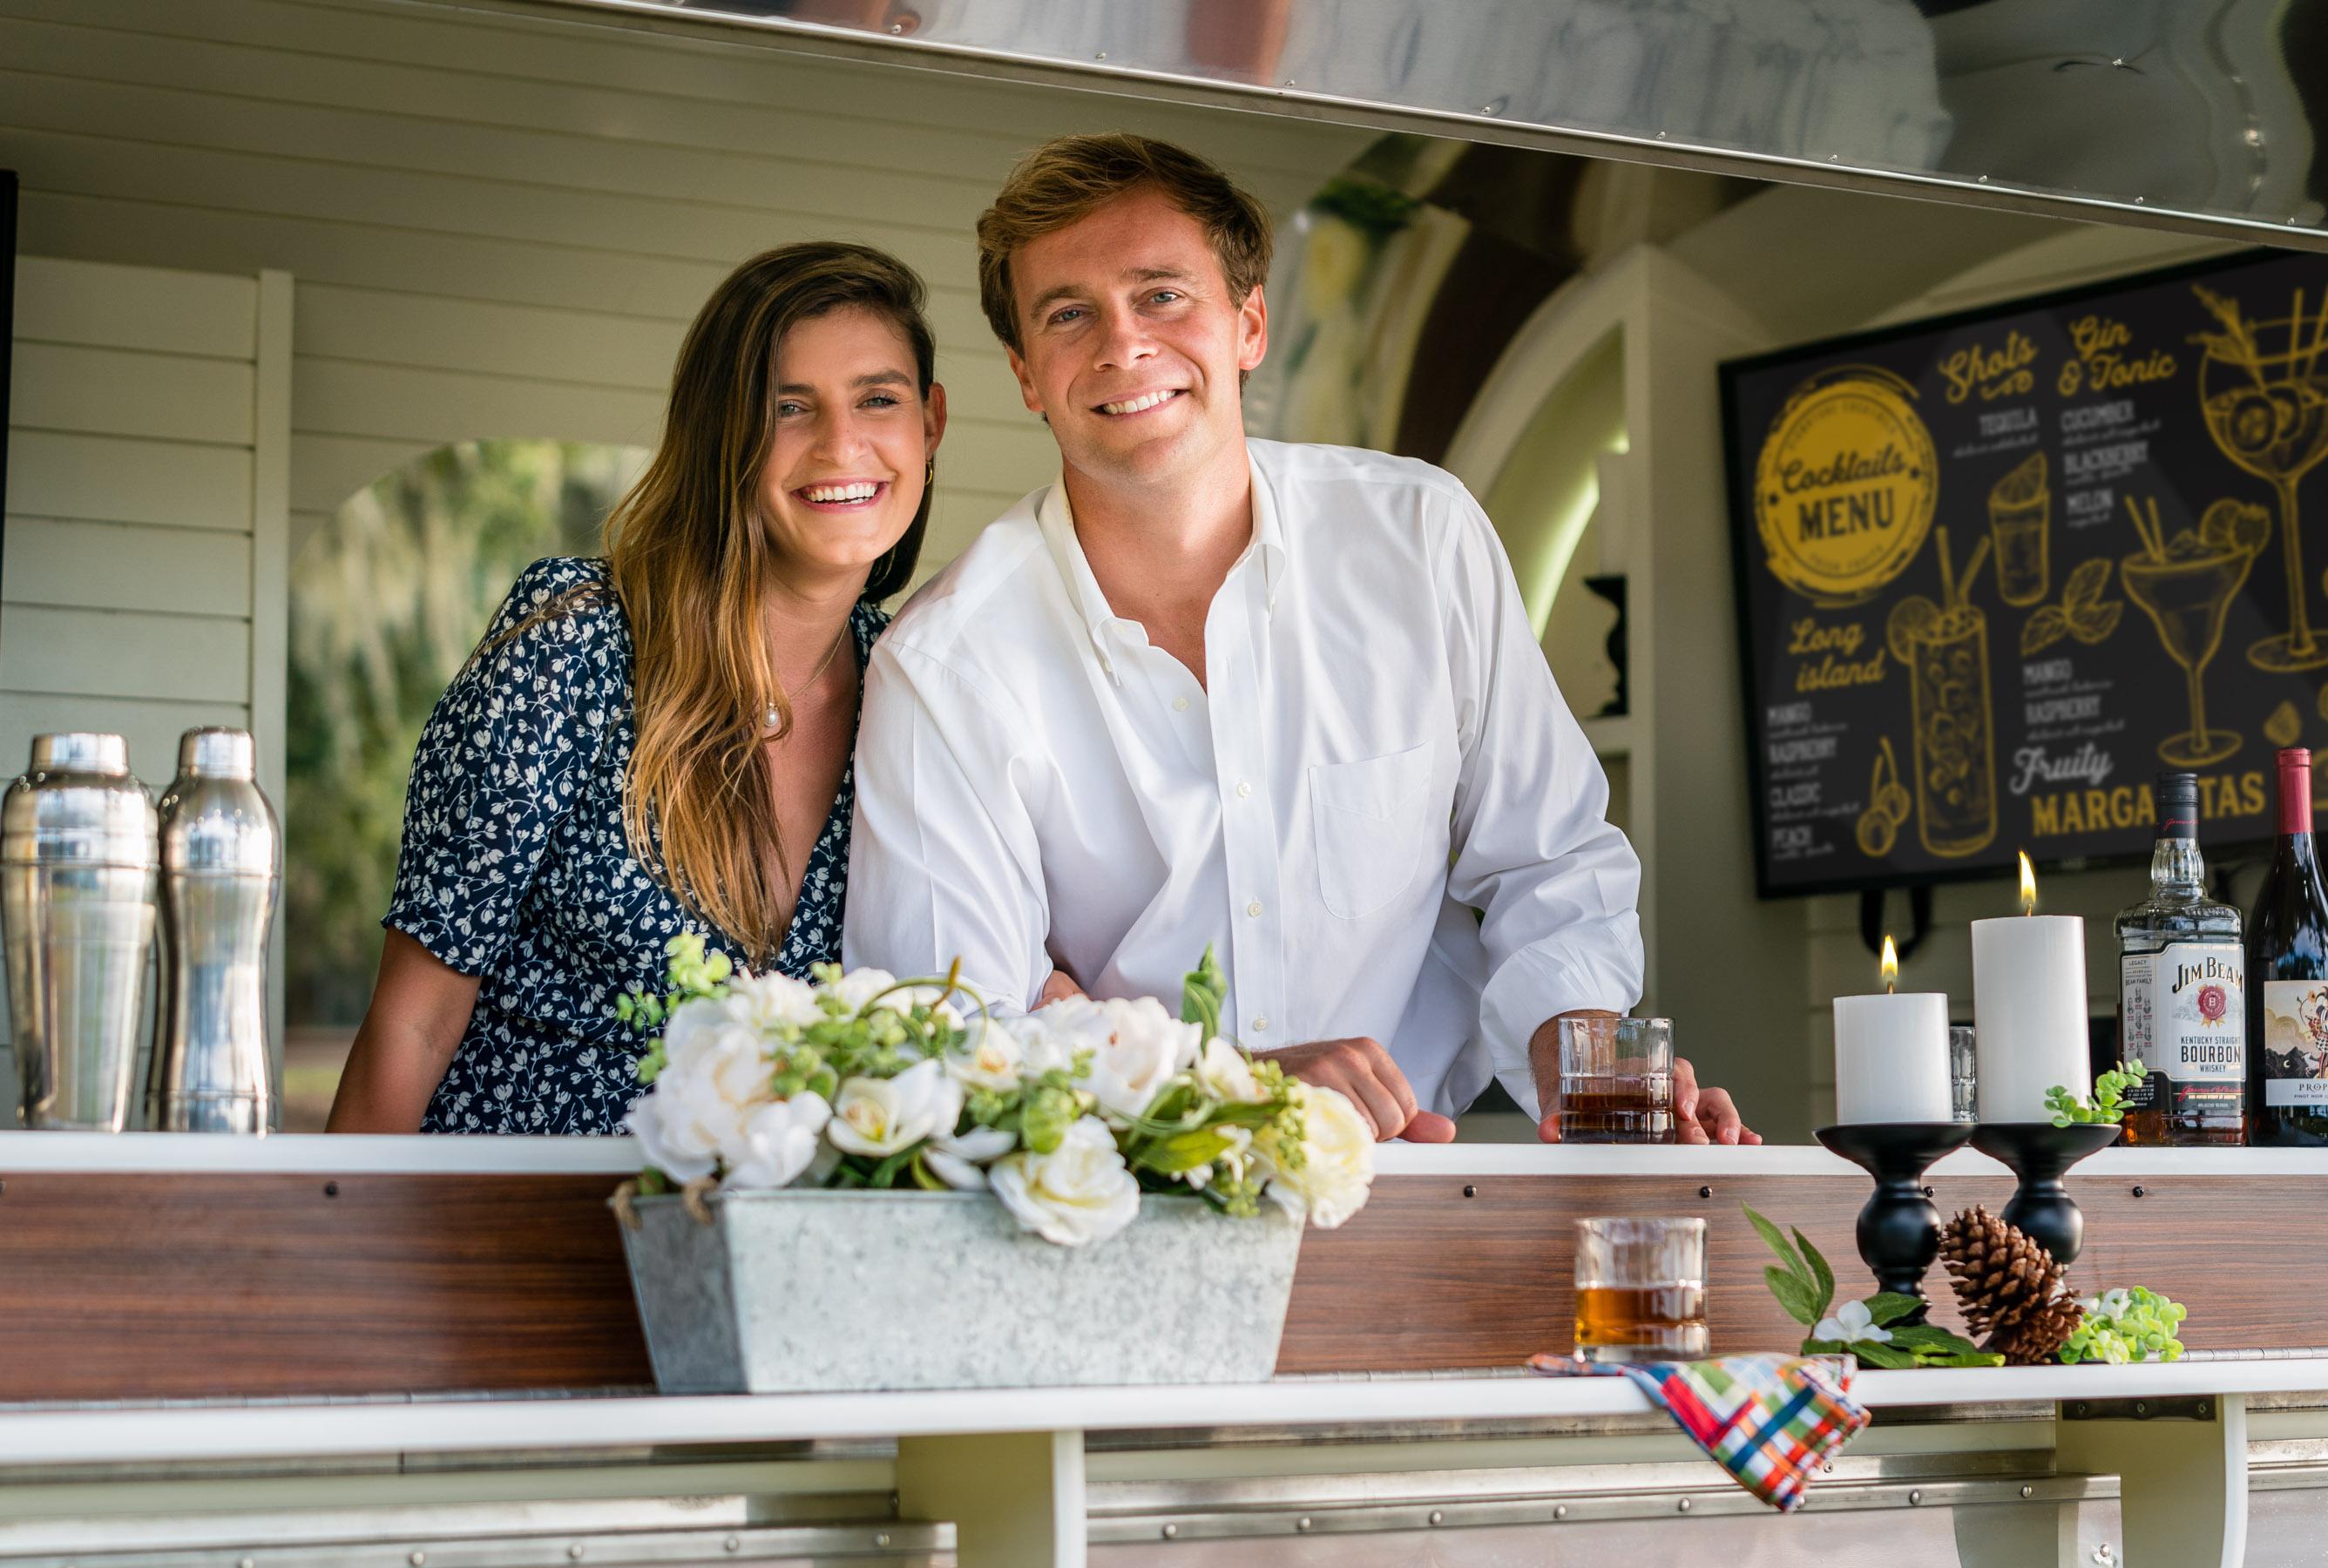 Augusta-georgia-mobile-bar-services